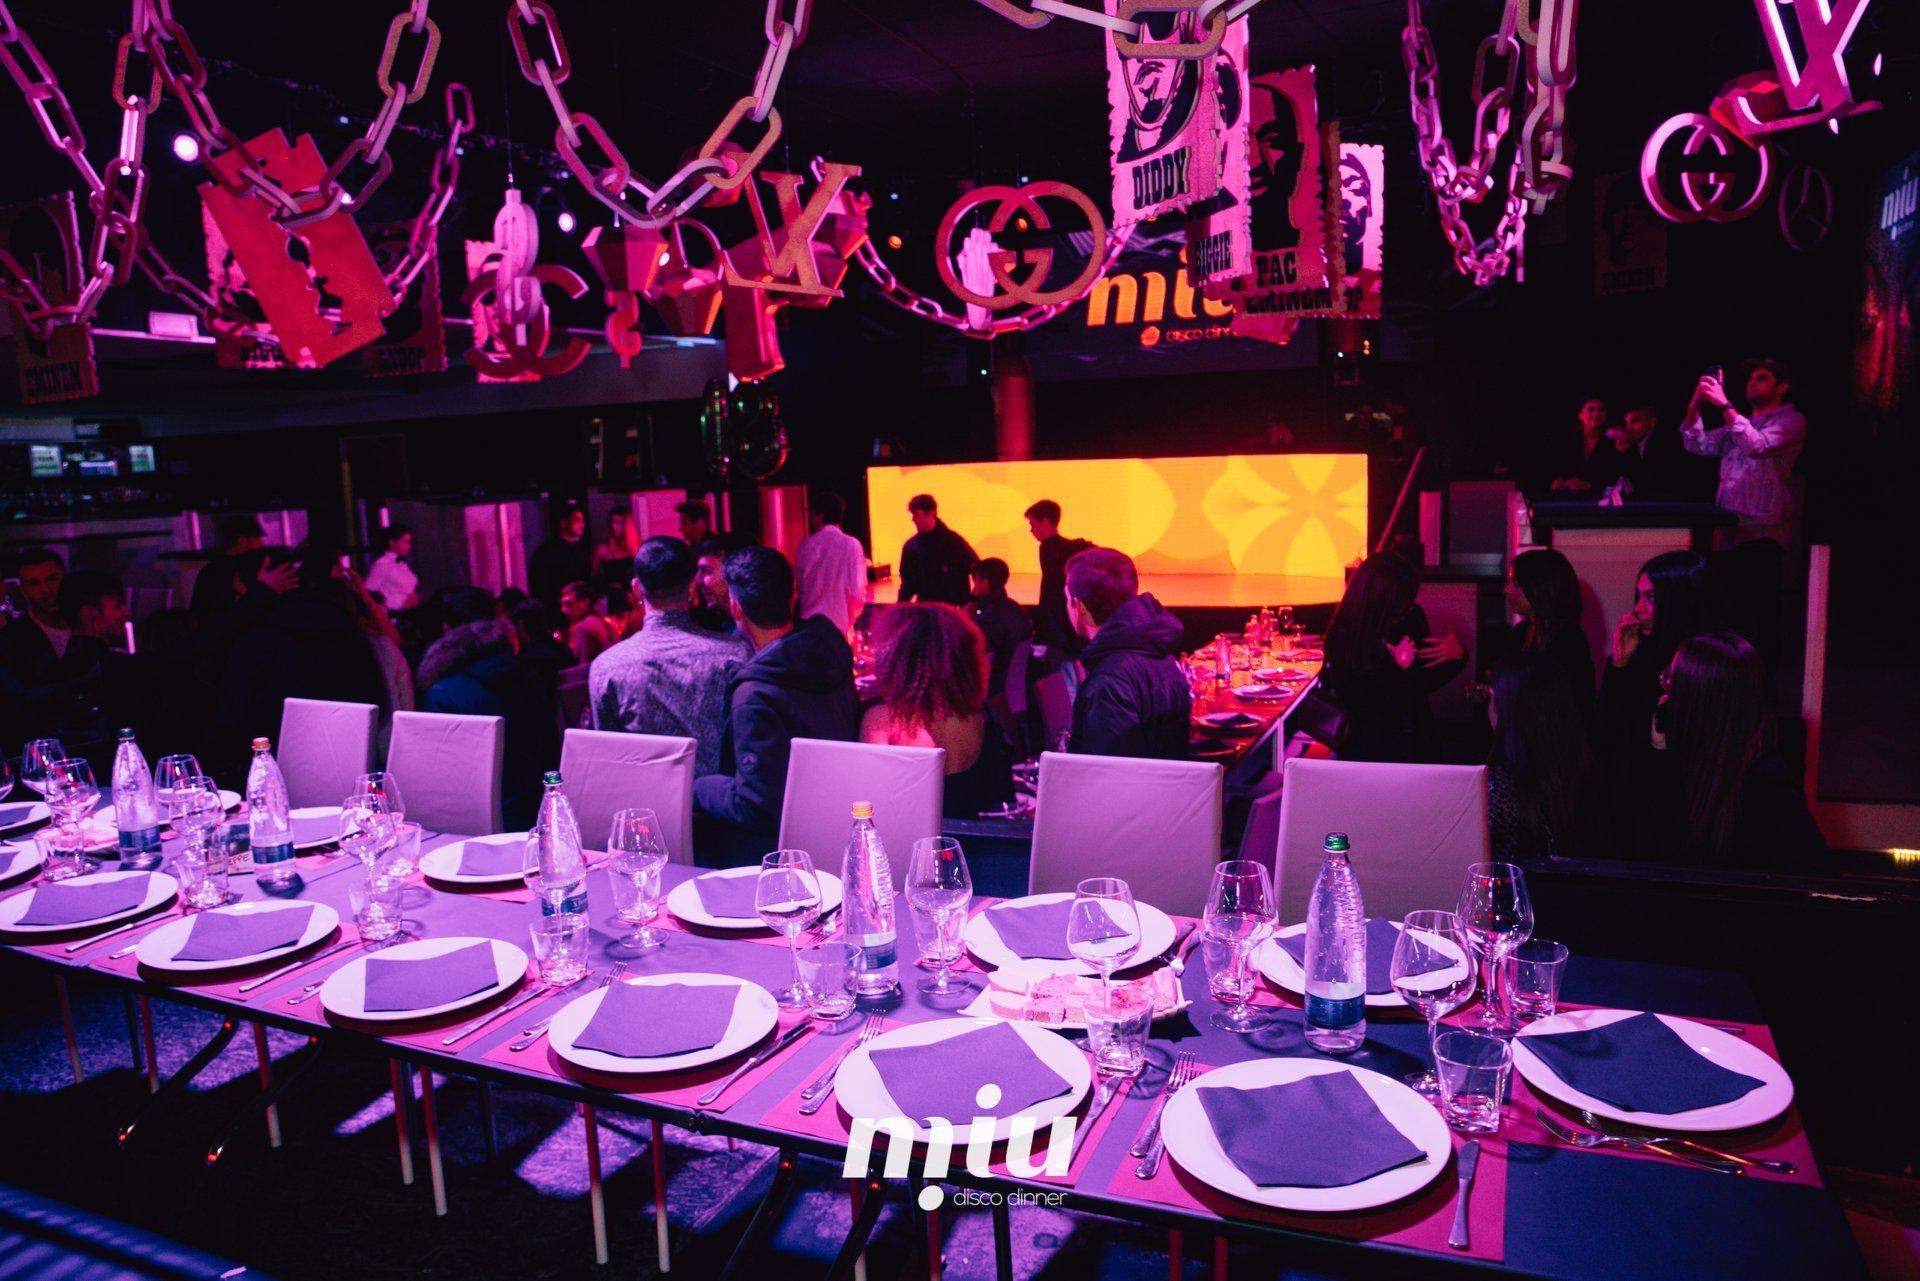 Capodanno 2021 - 2022 al Miu disco dinner di Marotta